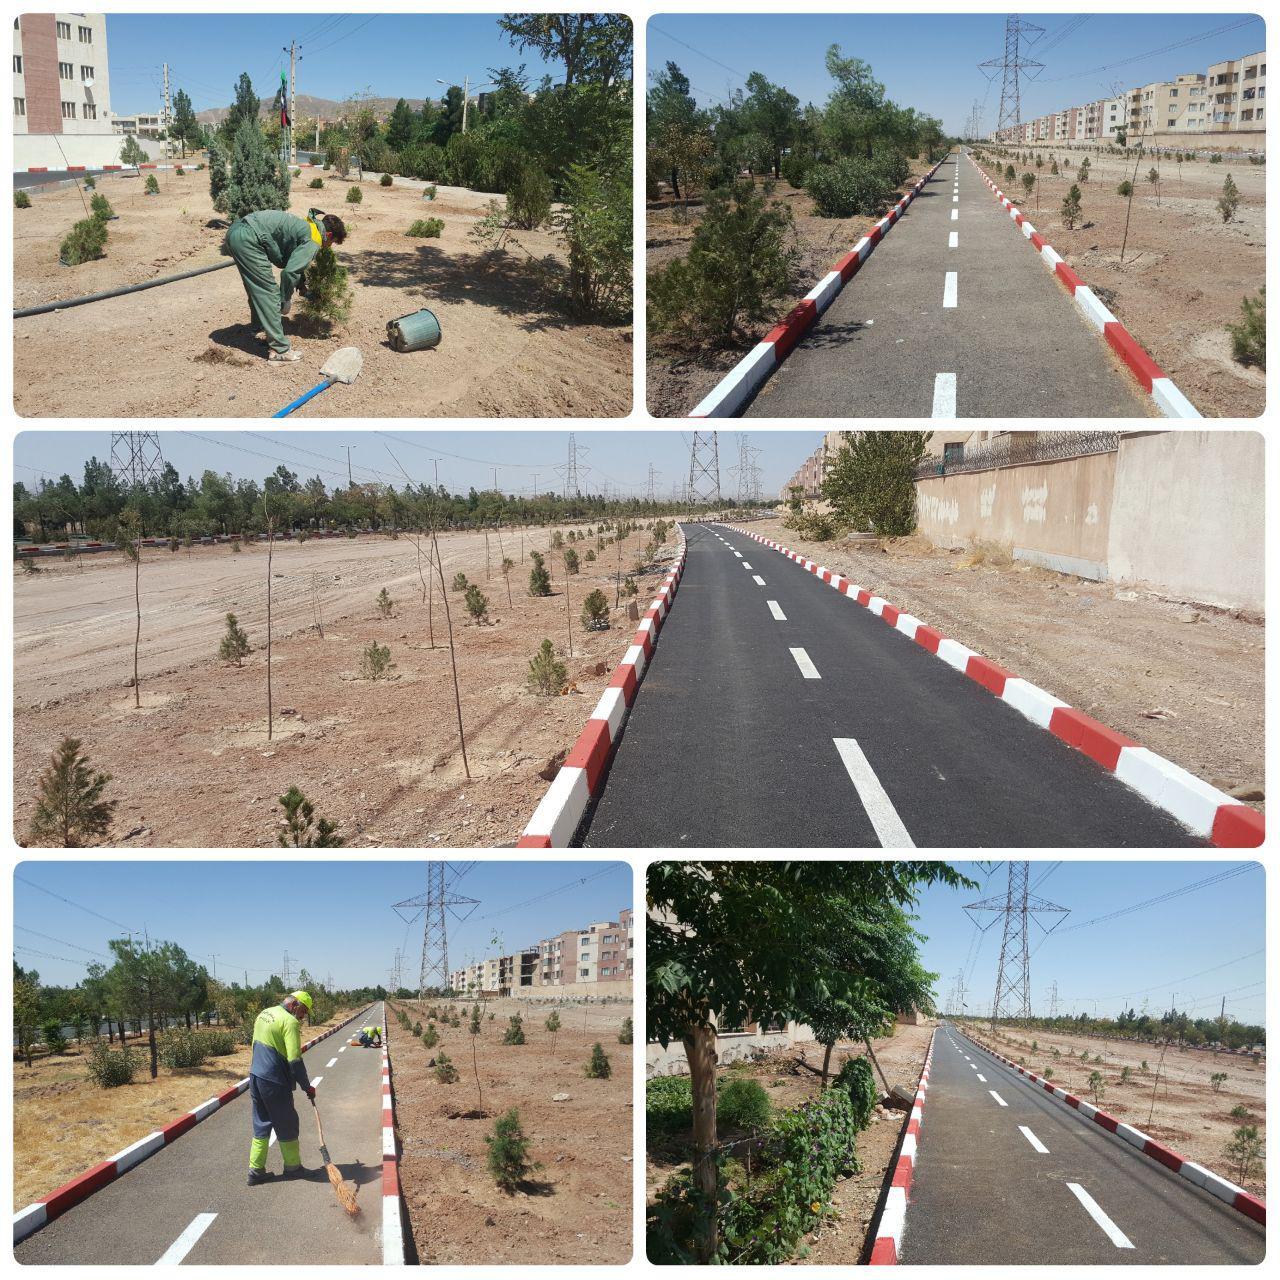 یک پروژه ورزشی، تفریحی دیگر در پرند آماده افتتاح شد / پایان عملیات عمرانی فاز دوم پیست دوچرخه سواری